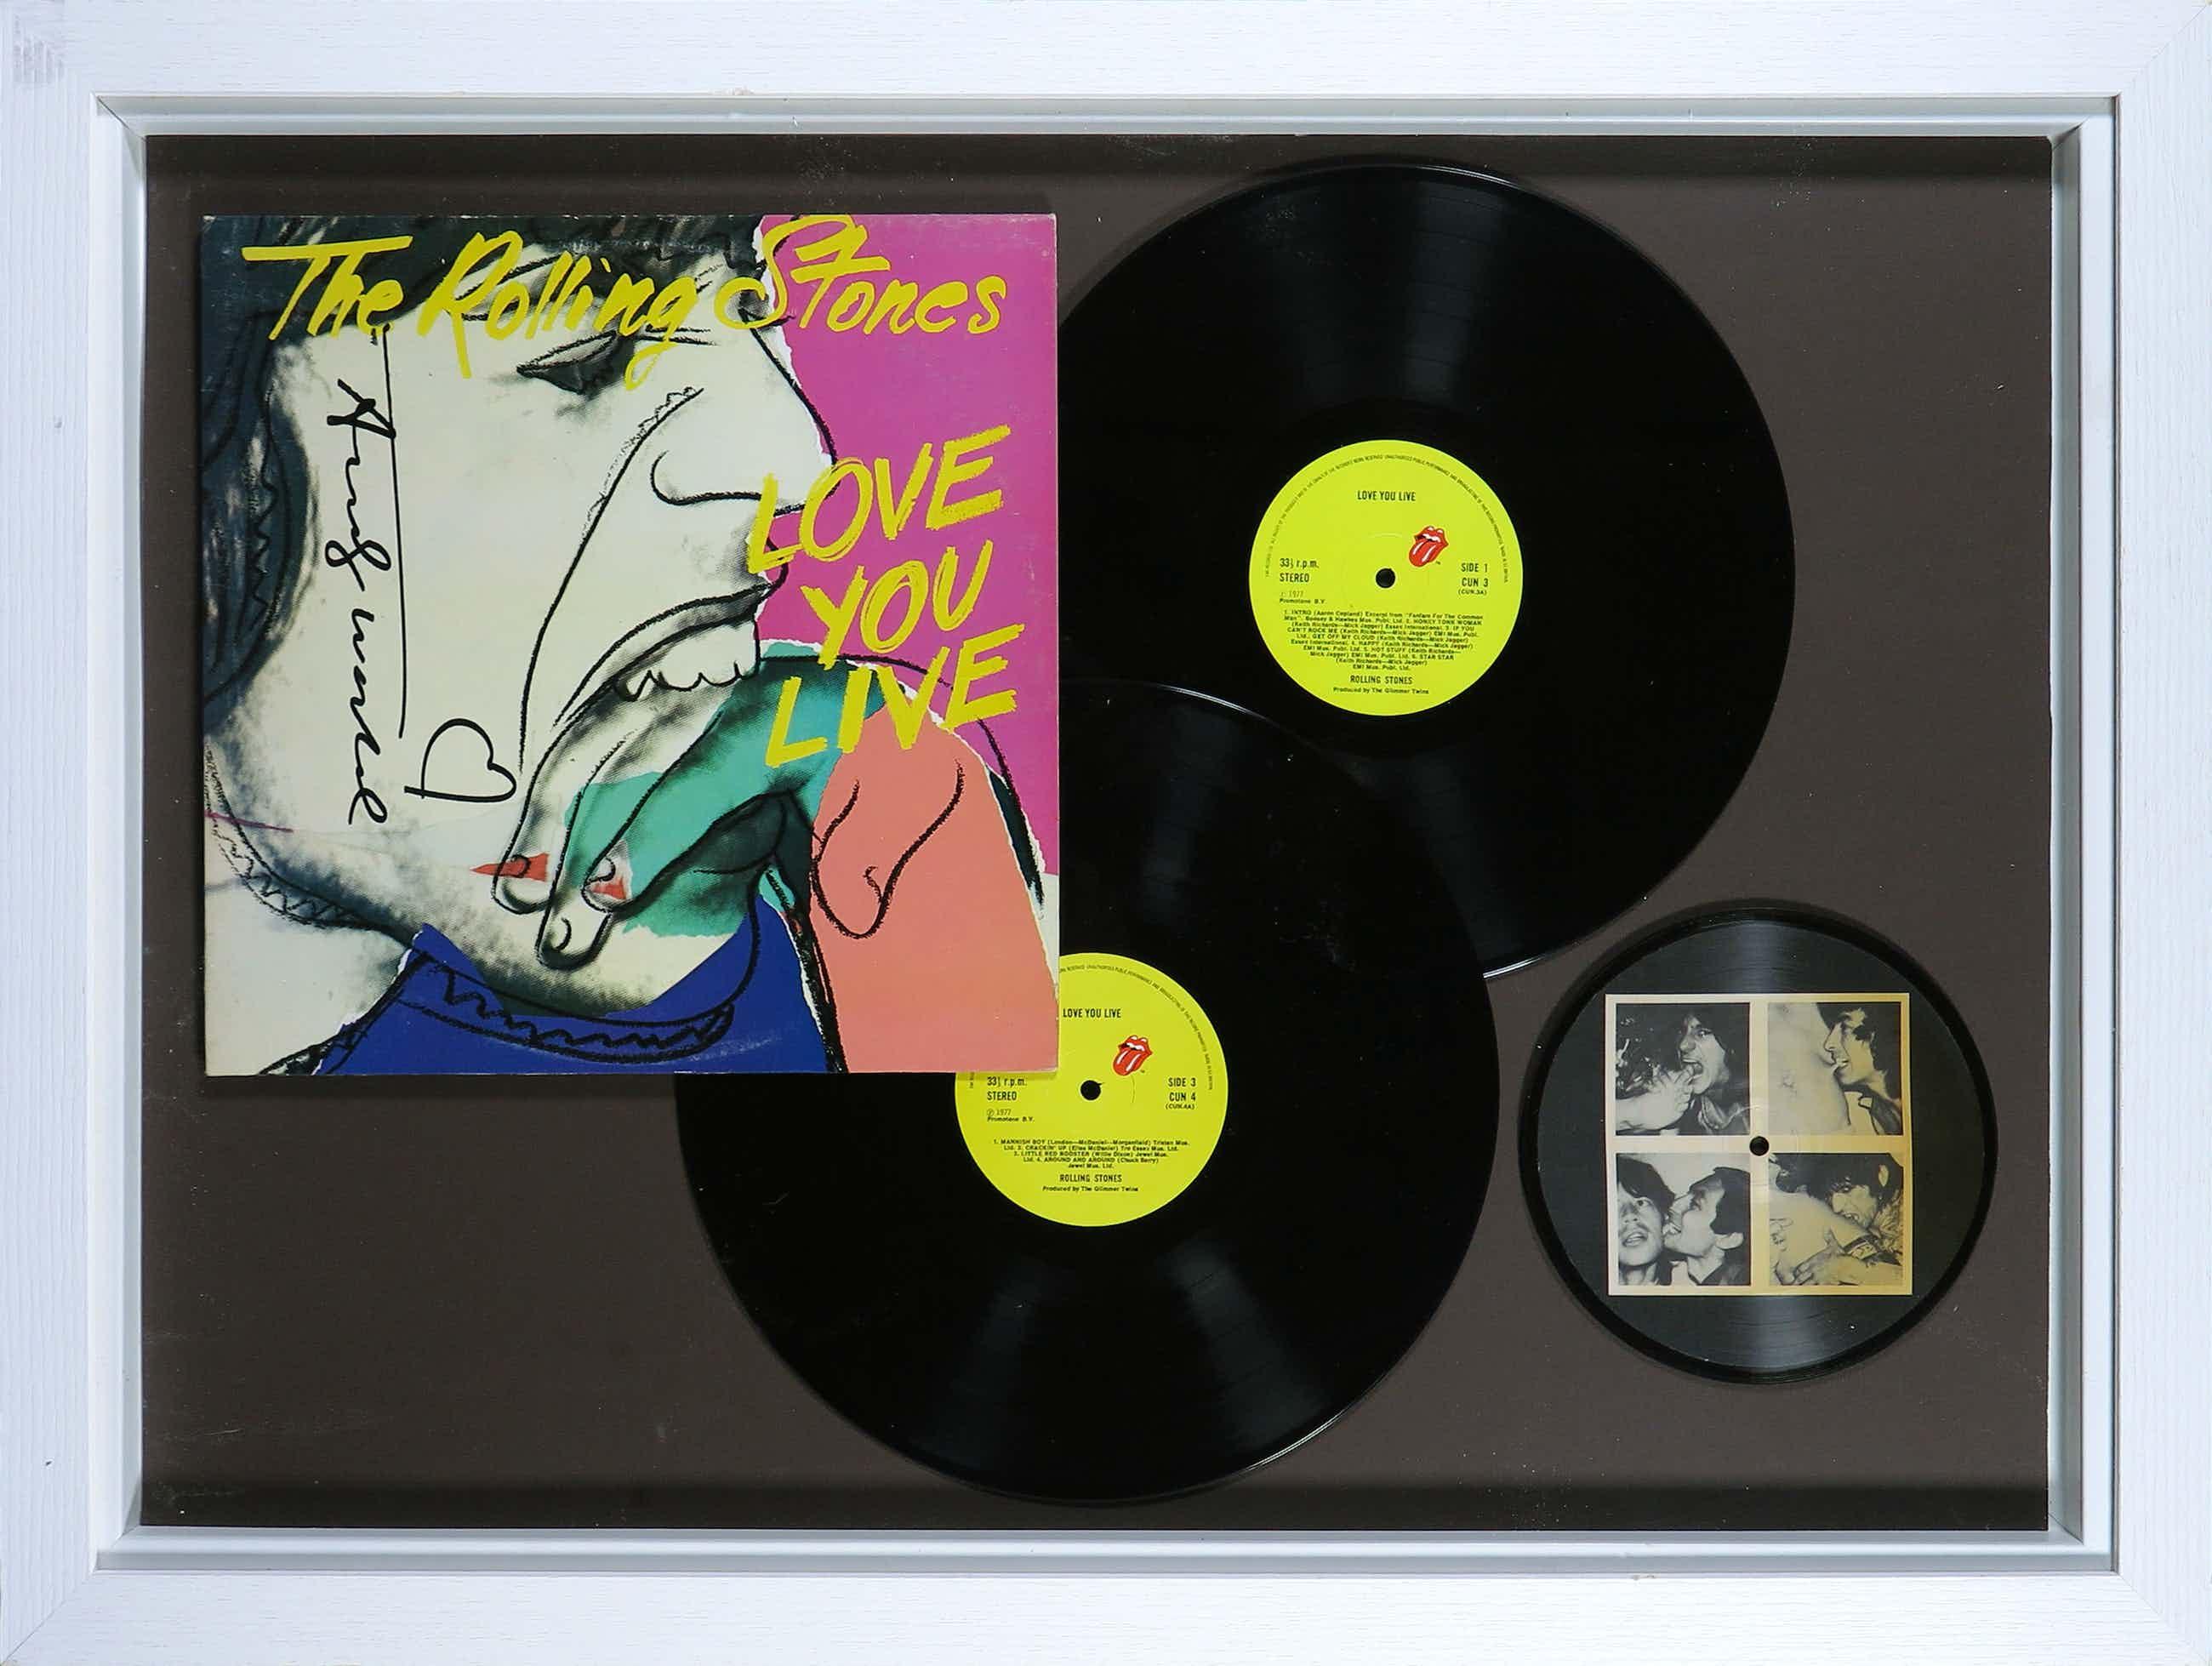 Andy Warhol - Handgesigneerde LP-hoes album Love You Live van The Rolling Stones - Ingelijst kopen? Bied vanaf 590!